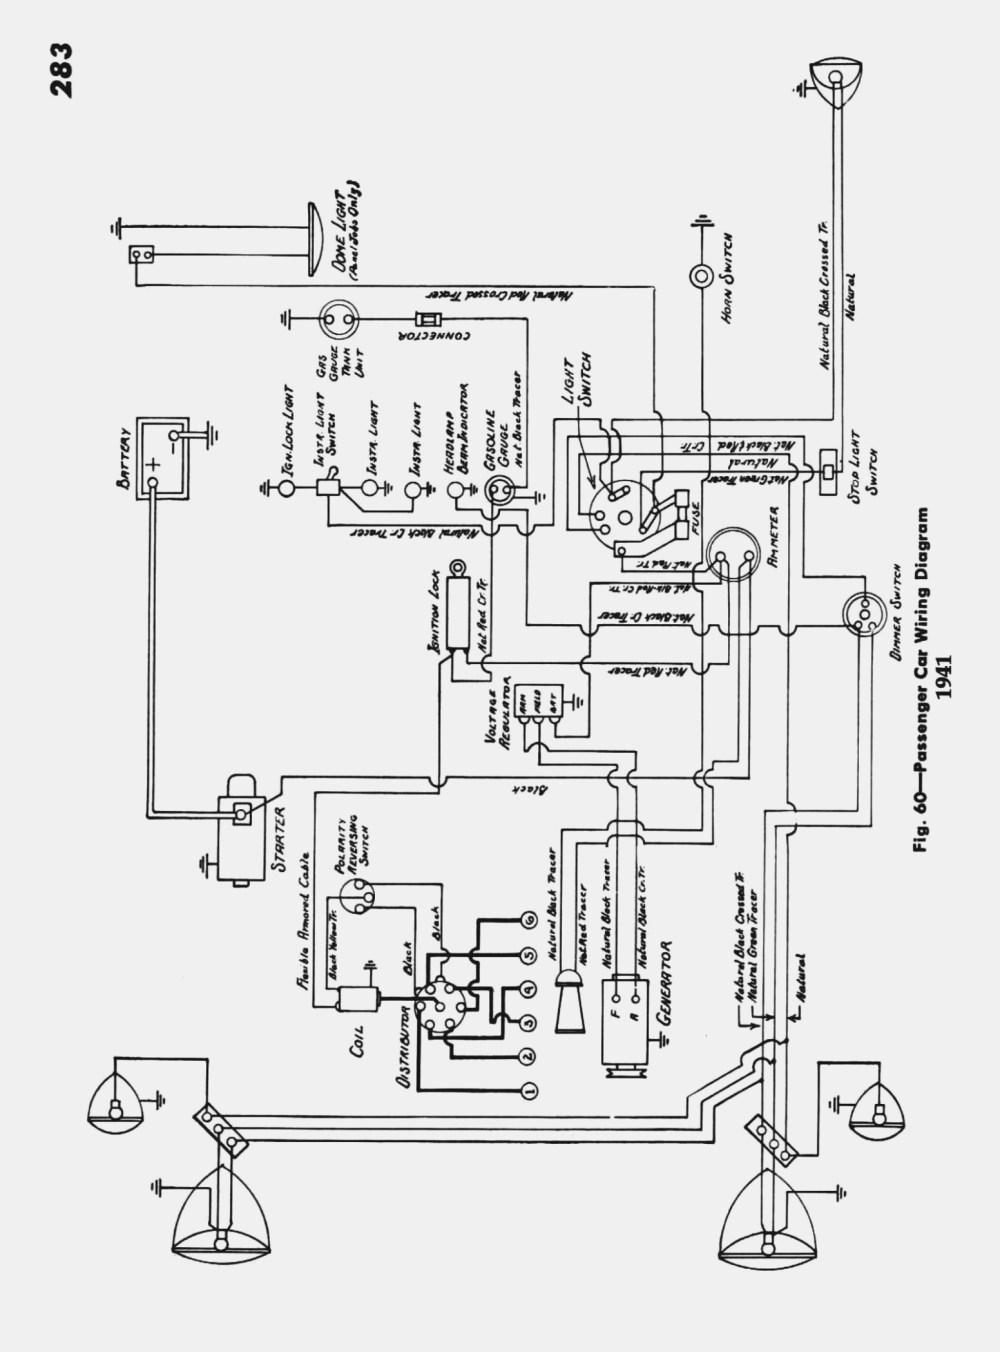 medium resolution of international truck dpf wiring diagram wiring diagraminternational truck dpf wiring diagram wiring diagram u2013 international